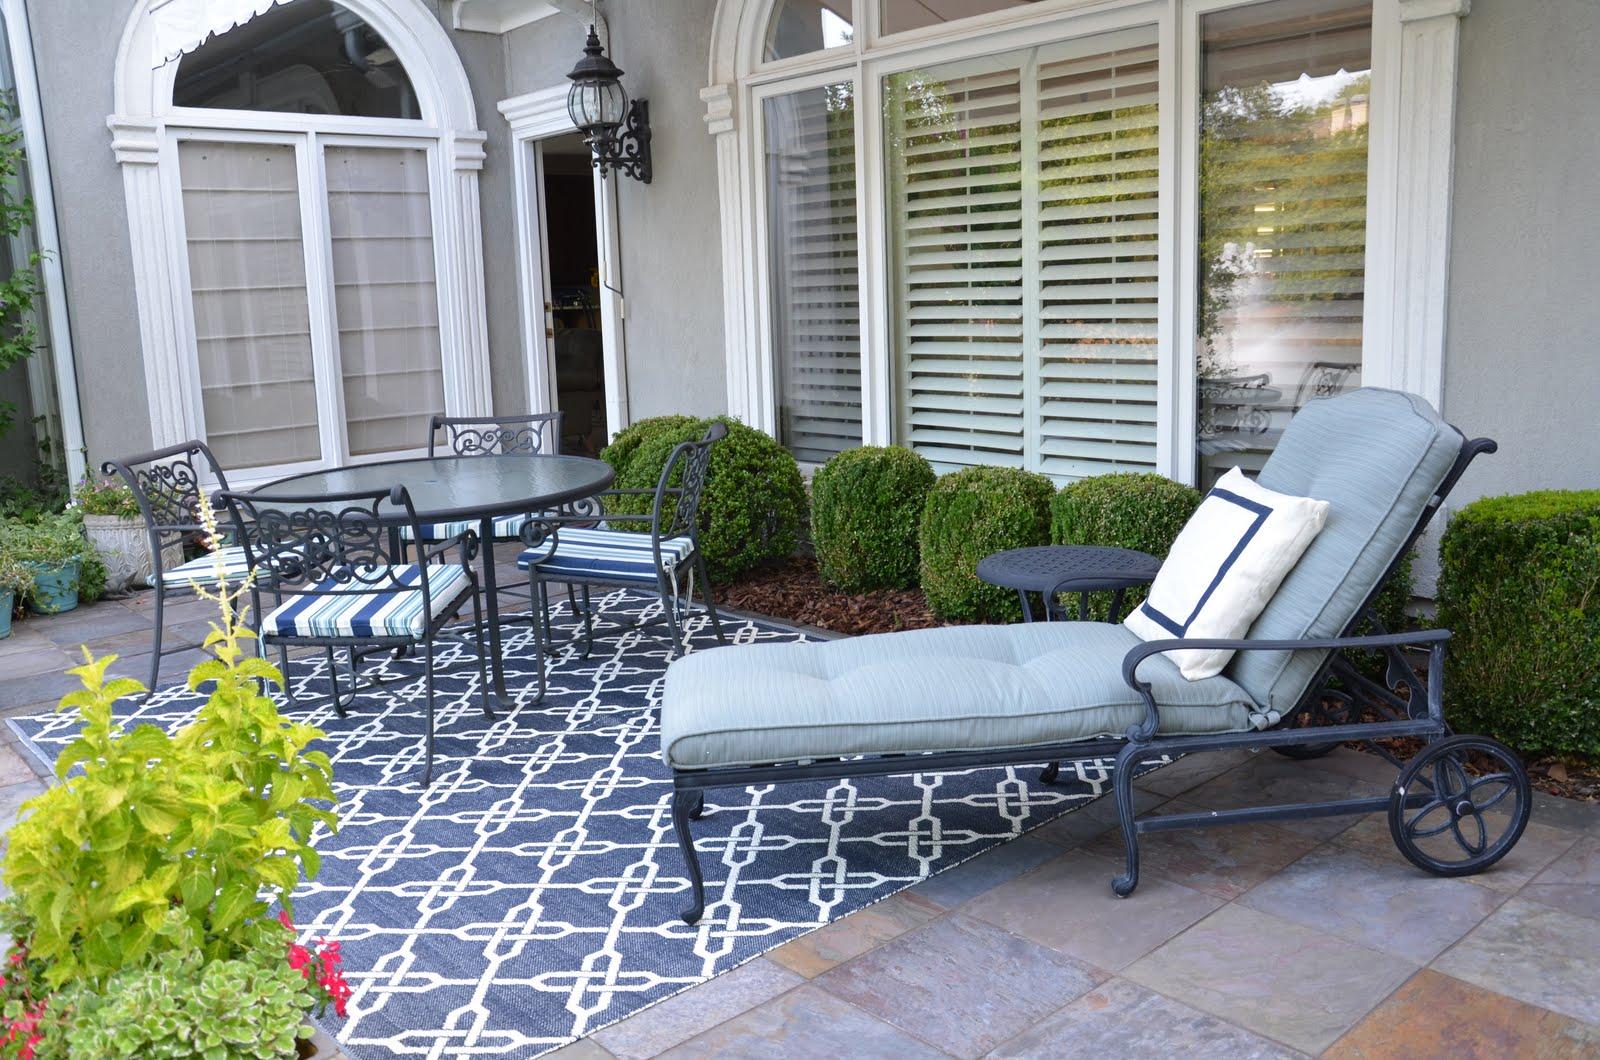 safavieh indoor outdoor rug | Roselawnlutheran